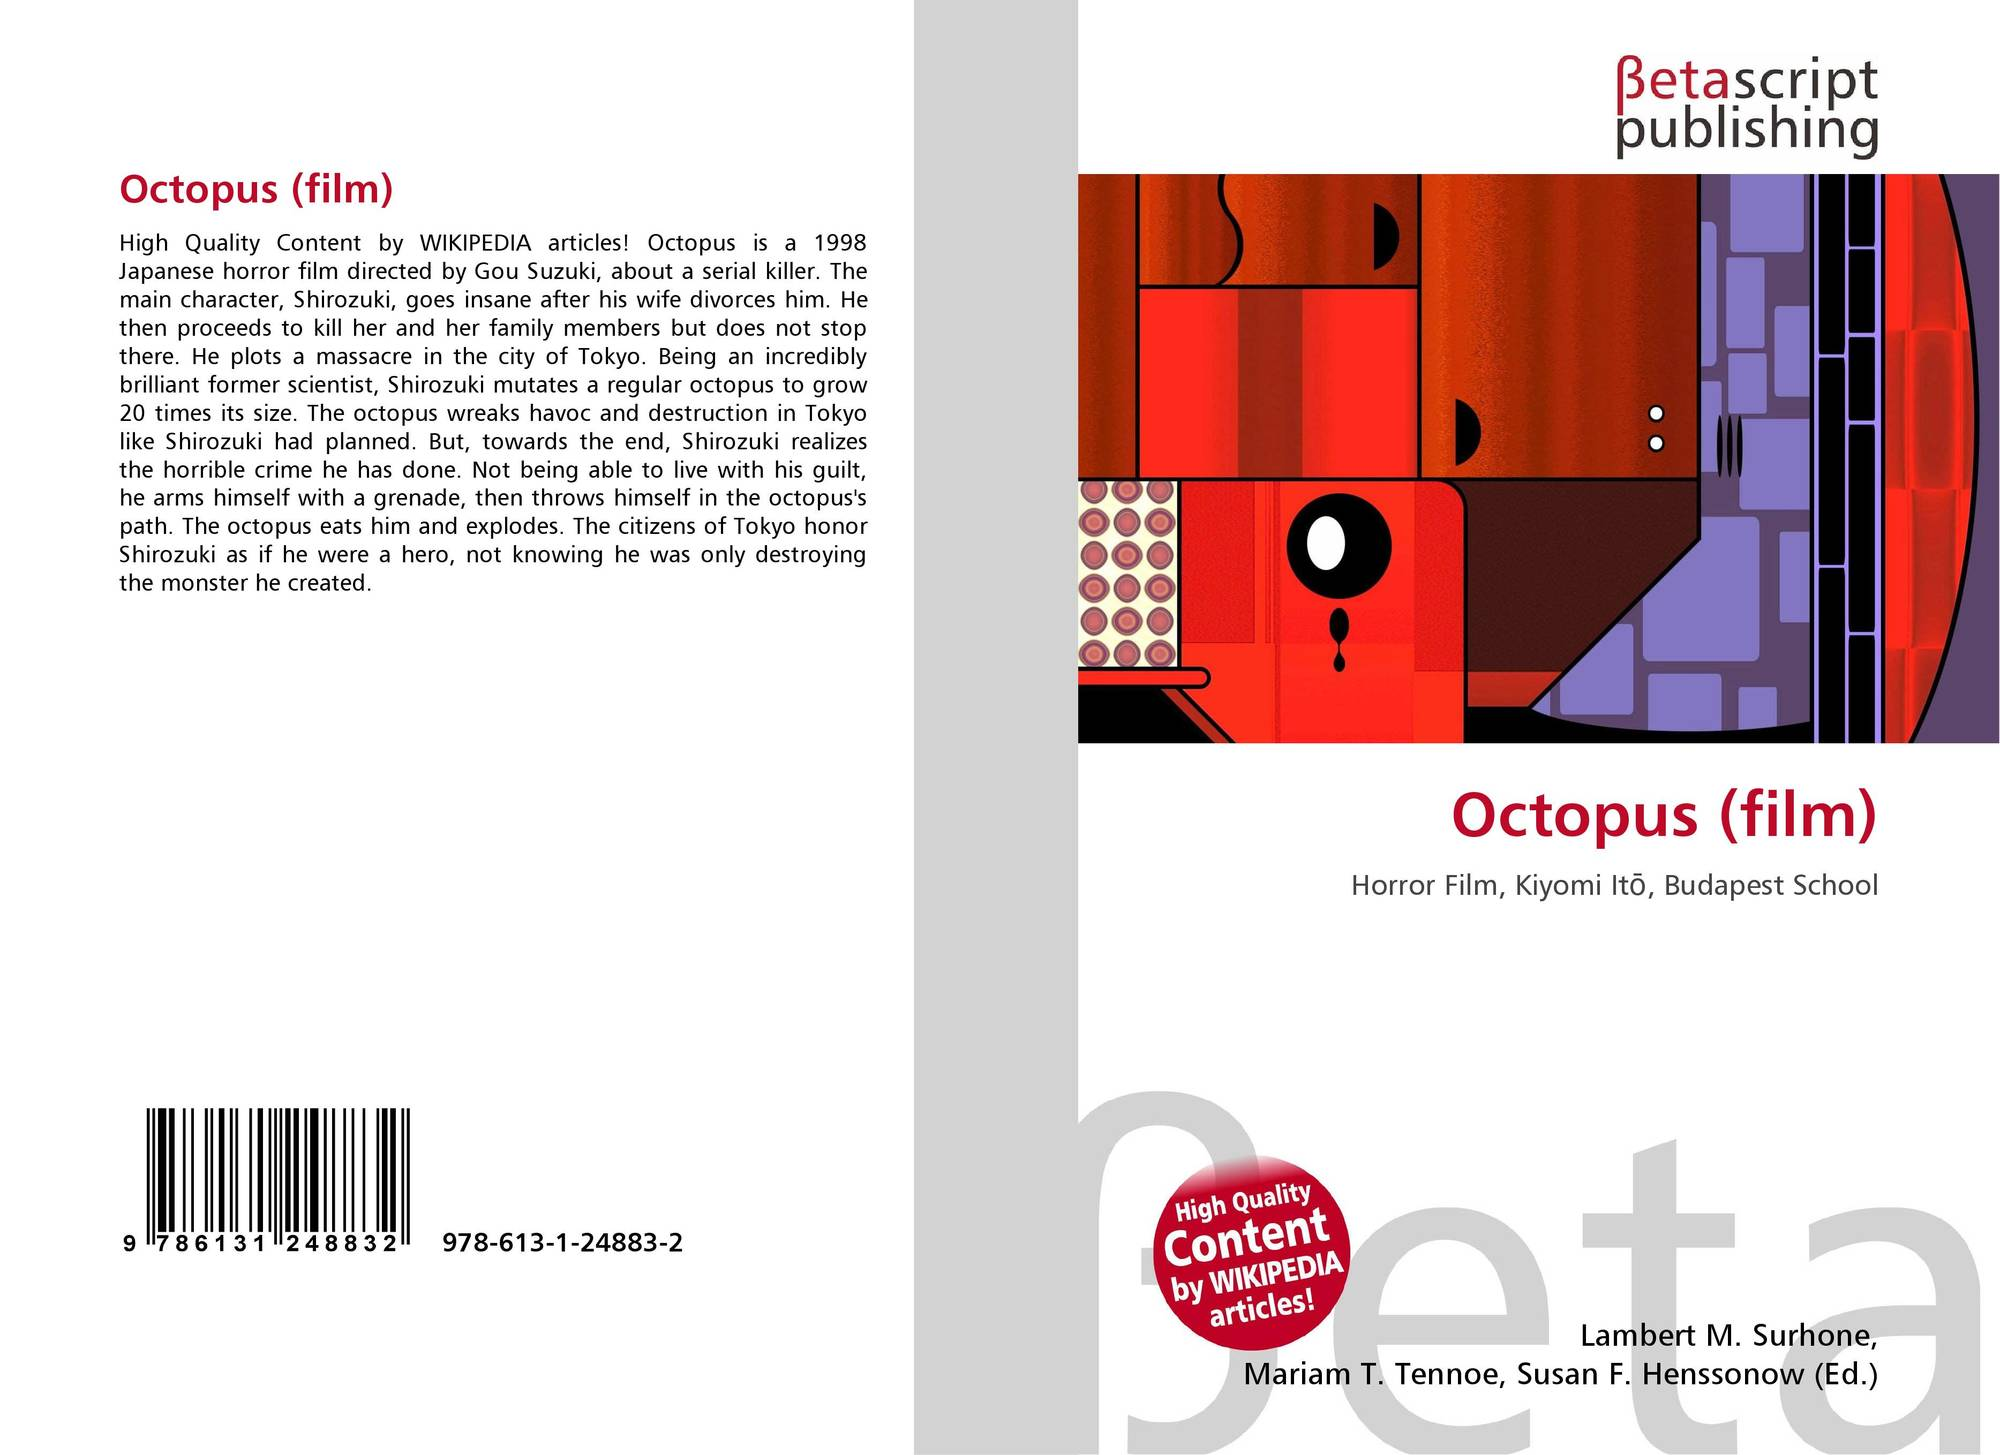 Octopus (film), 978-613-1-24883-2, 6131248834 ,9786131248832